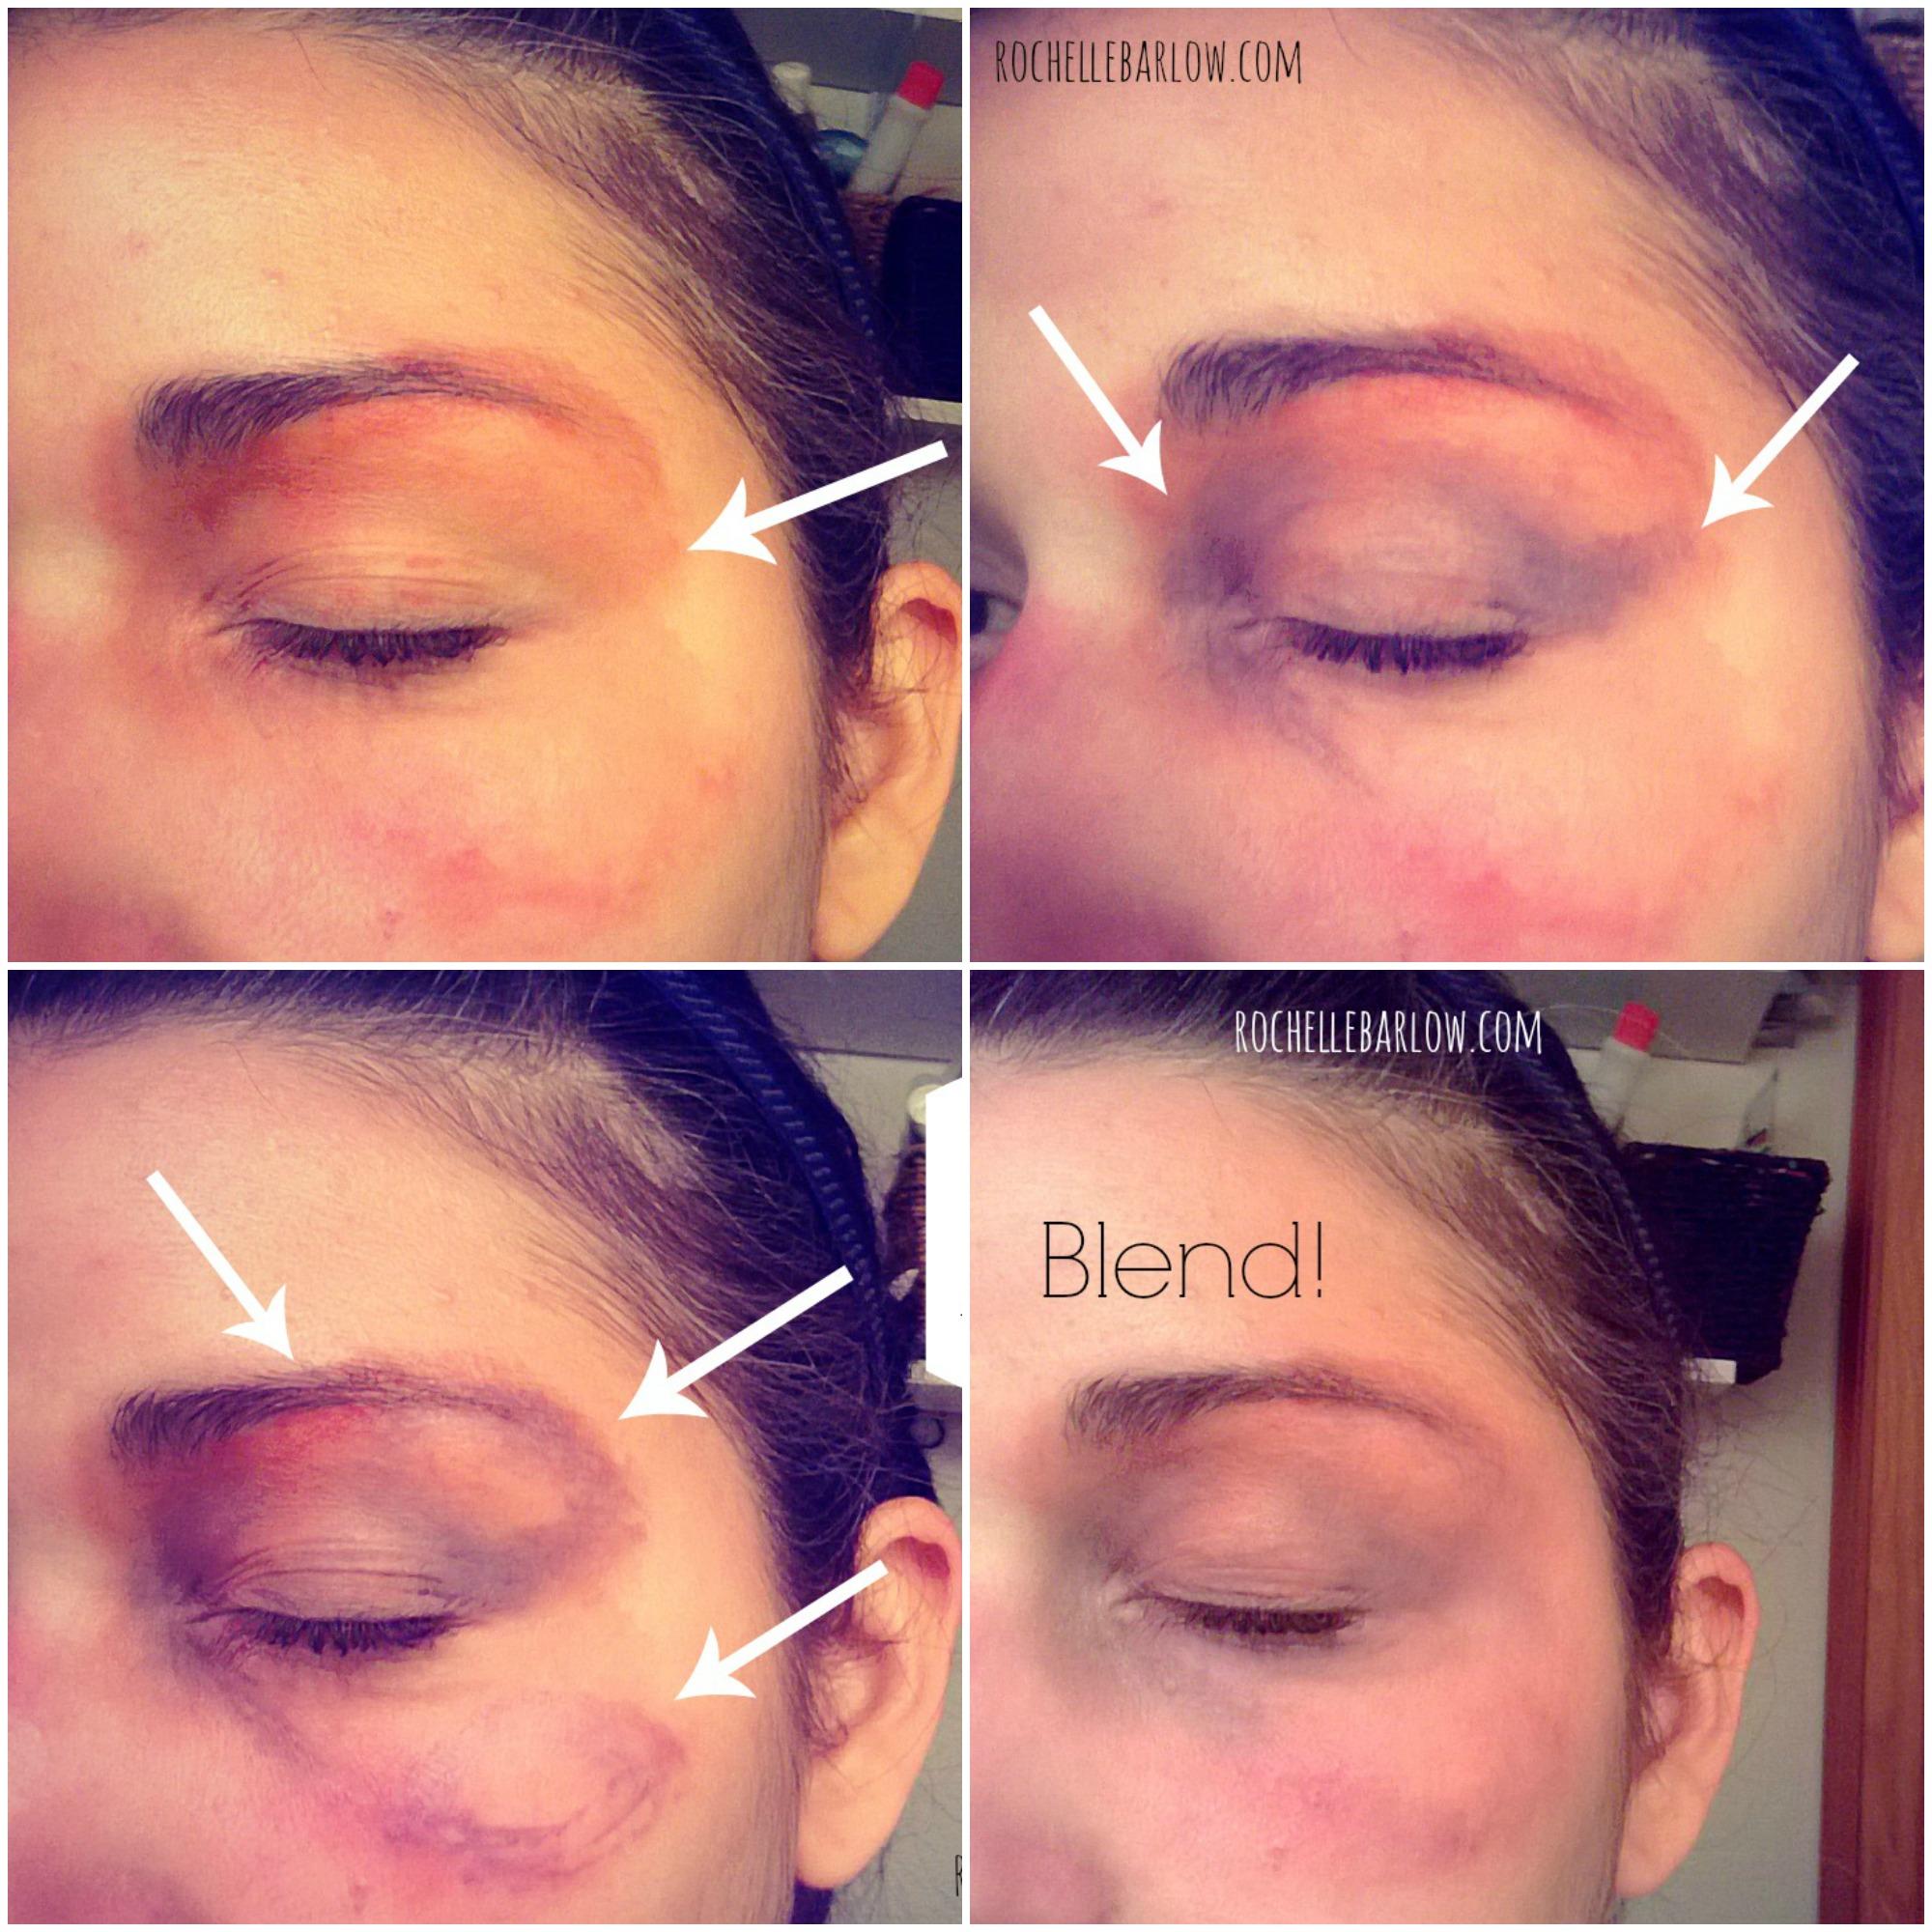 bruise 22